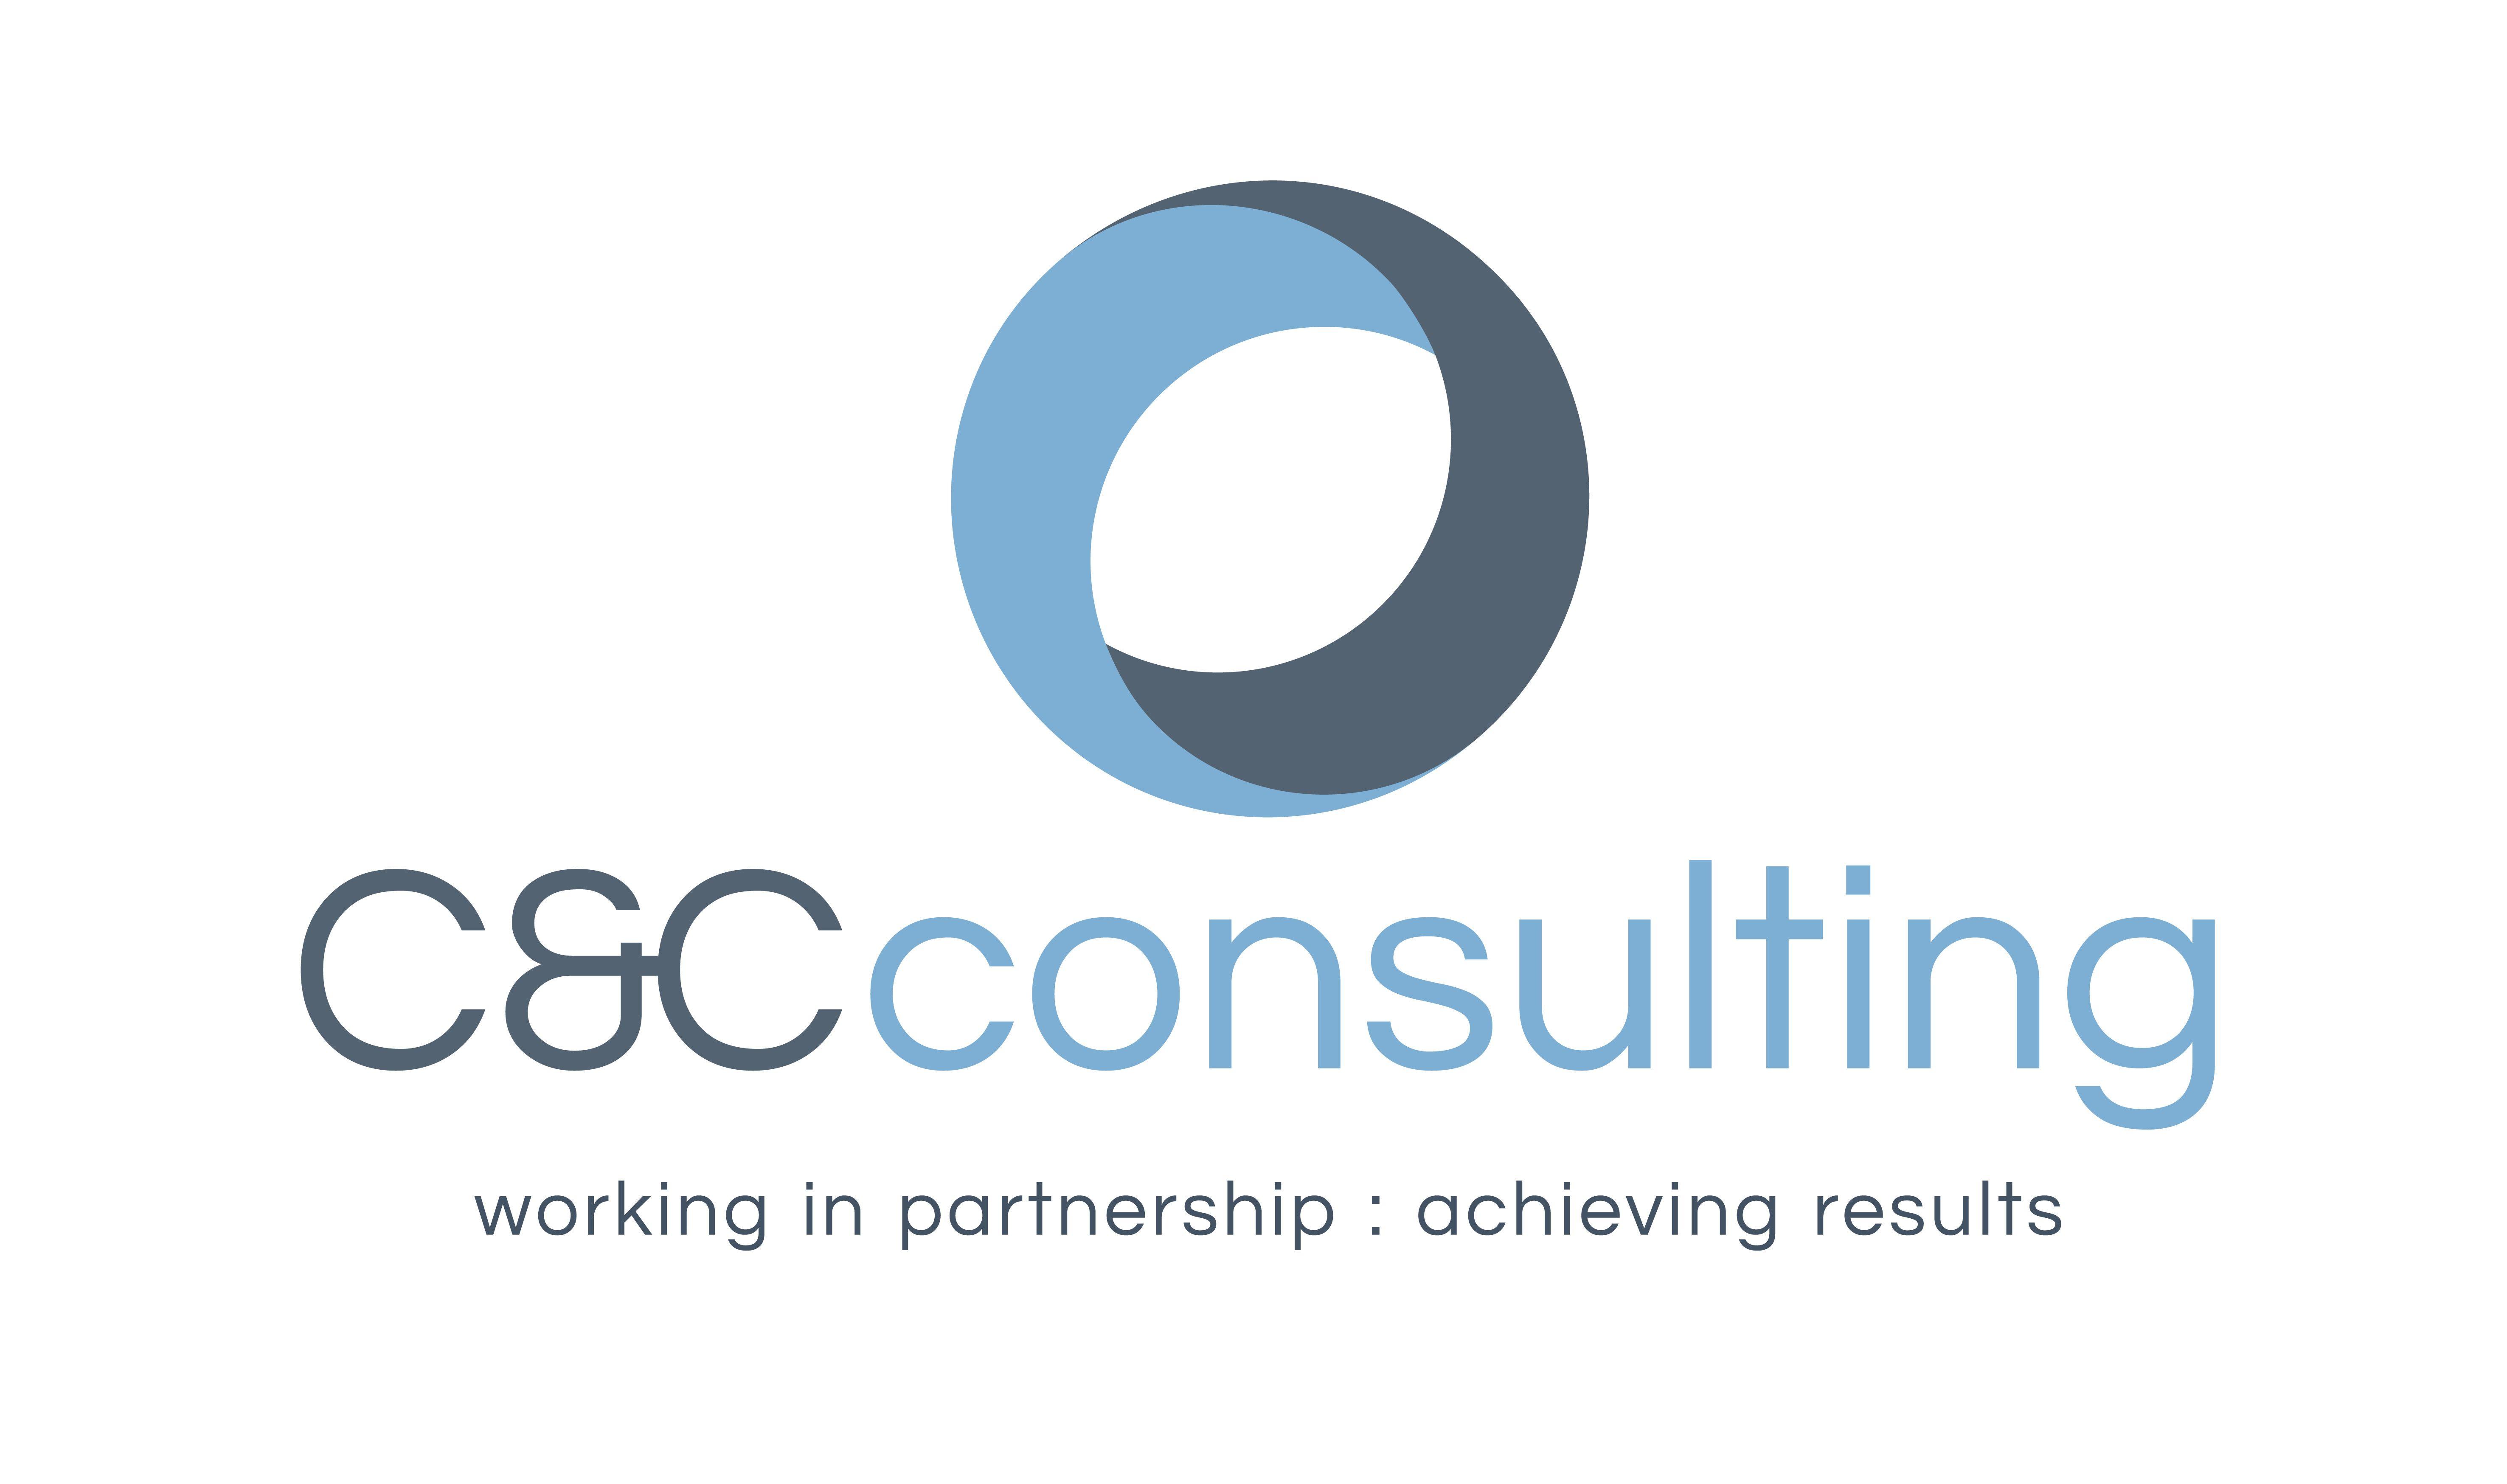 C&C Consulting & Training Services